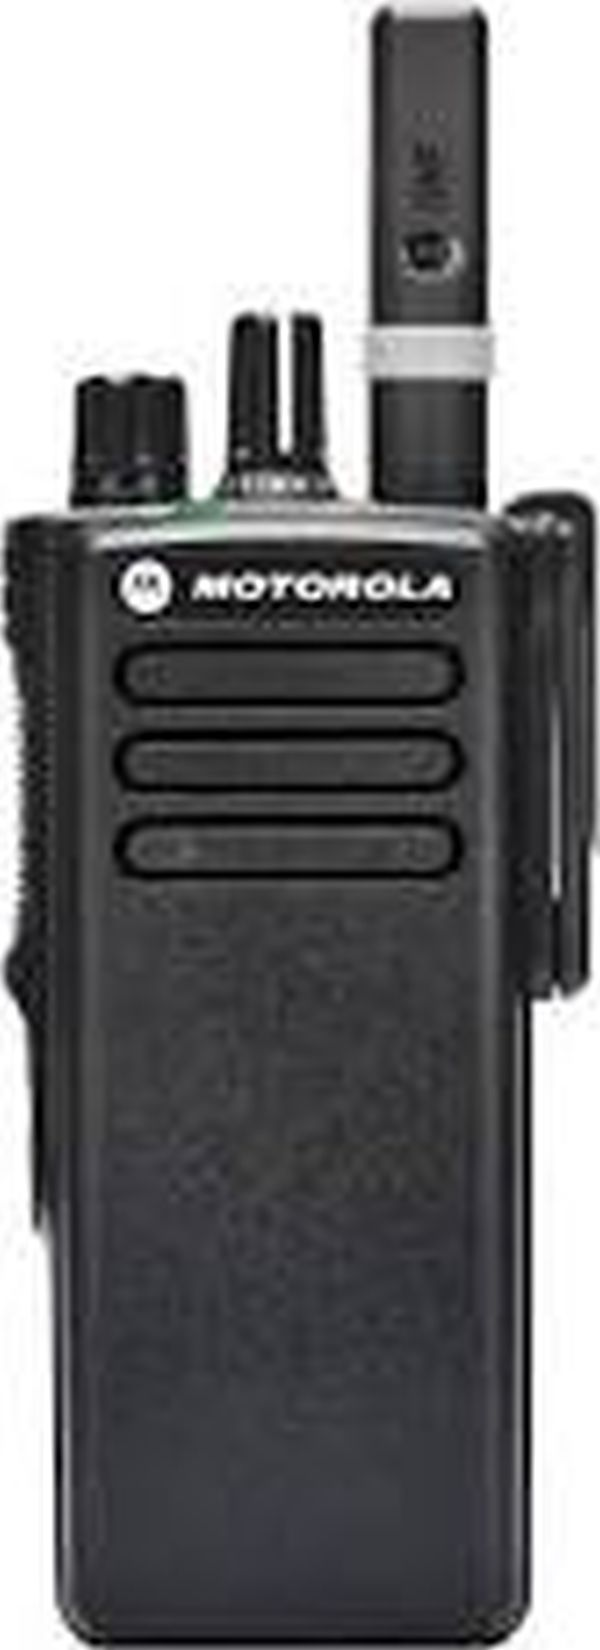 Портативная радиостанция Motorola DP 4400 (носимая радиостанция 136   174 МГц, 32 кан.)